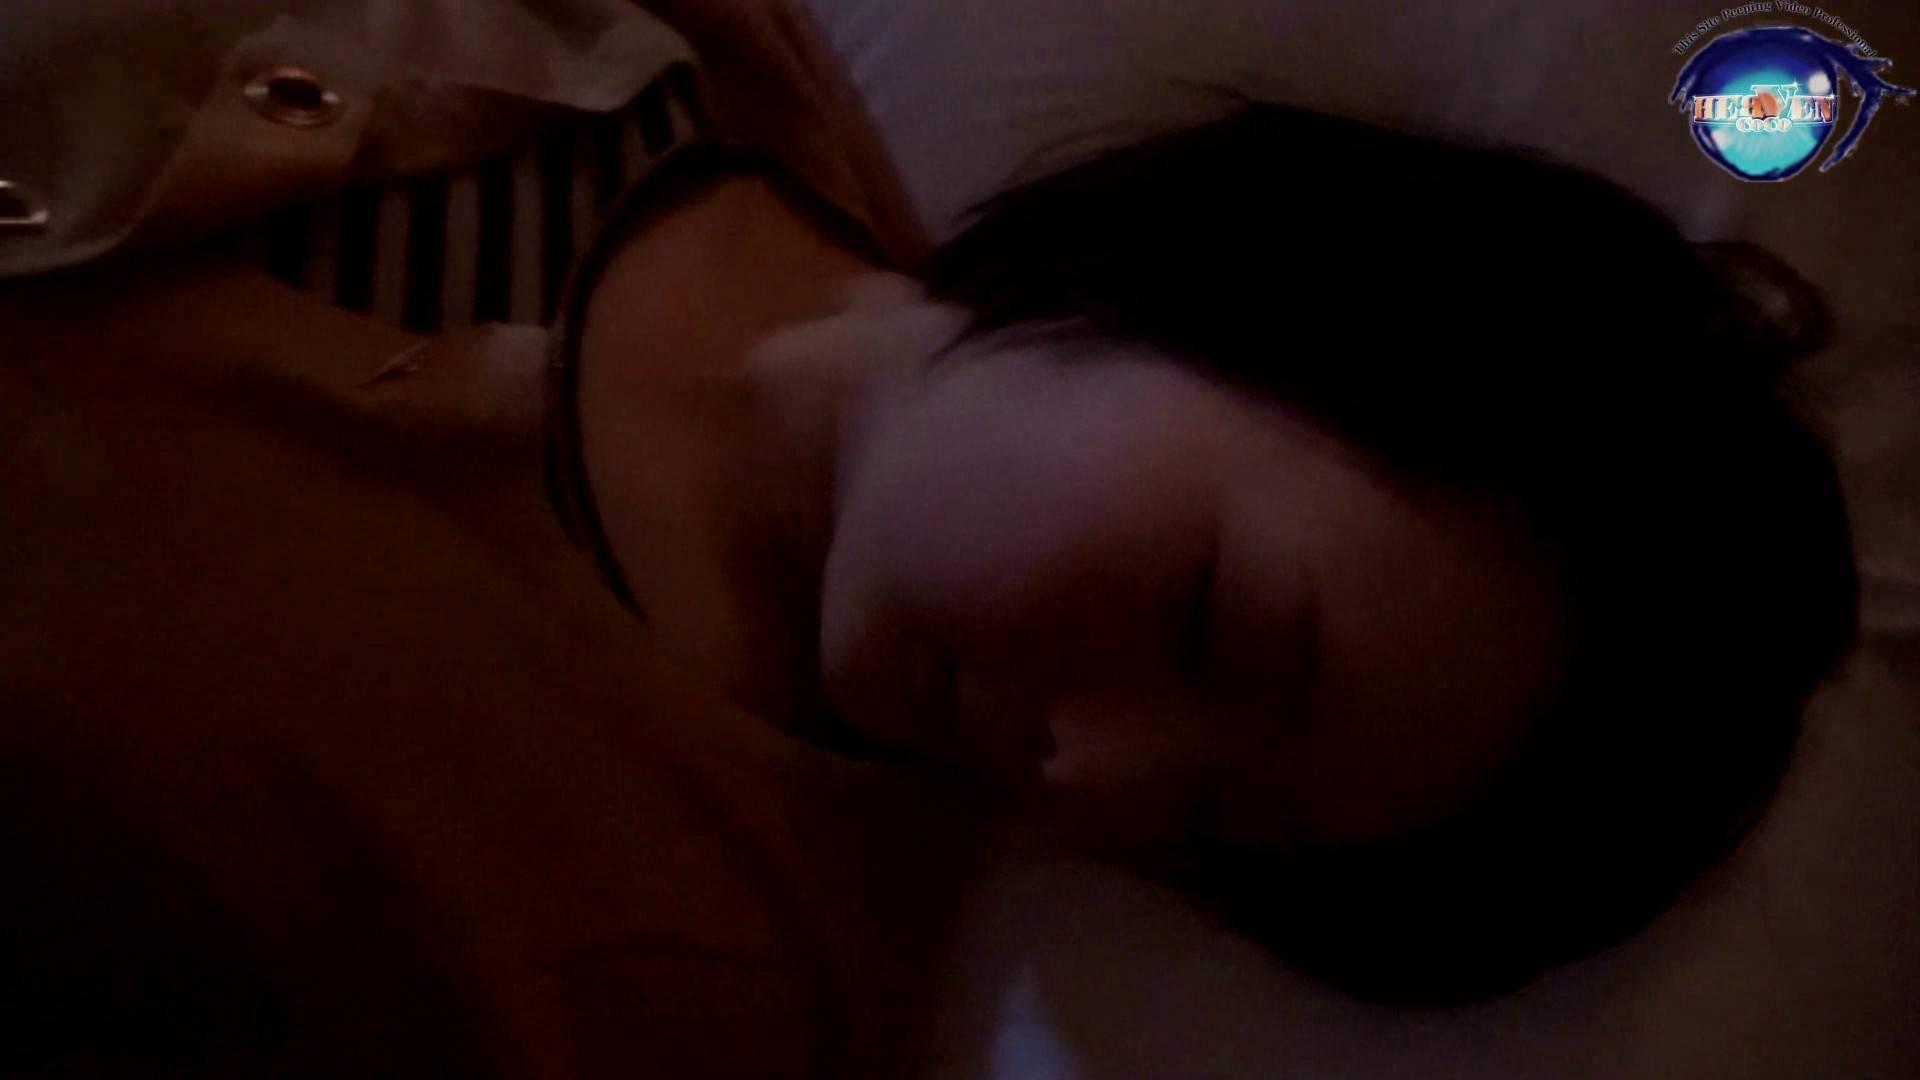 睡魔 シュウライ 第参壱話 前半 イタズラ  76pic 29